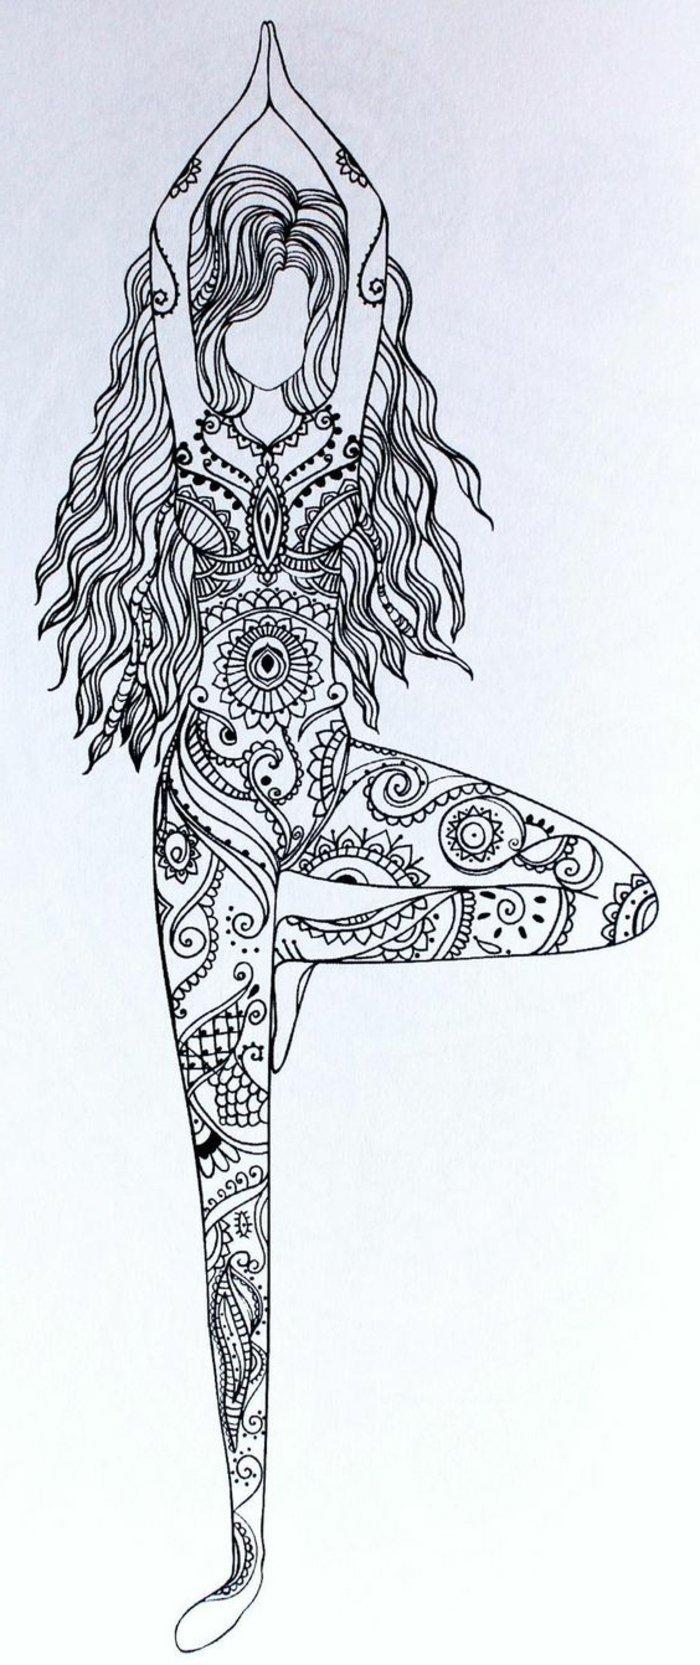 eine Mandala-Zeichnung von einem Mädchen, das Yoga praktiziert, Mädchen mit langen gewellten Haaren, Mini Mandalas